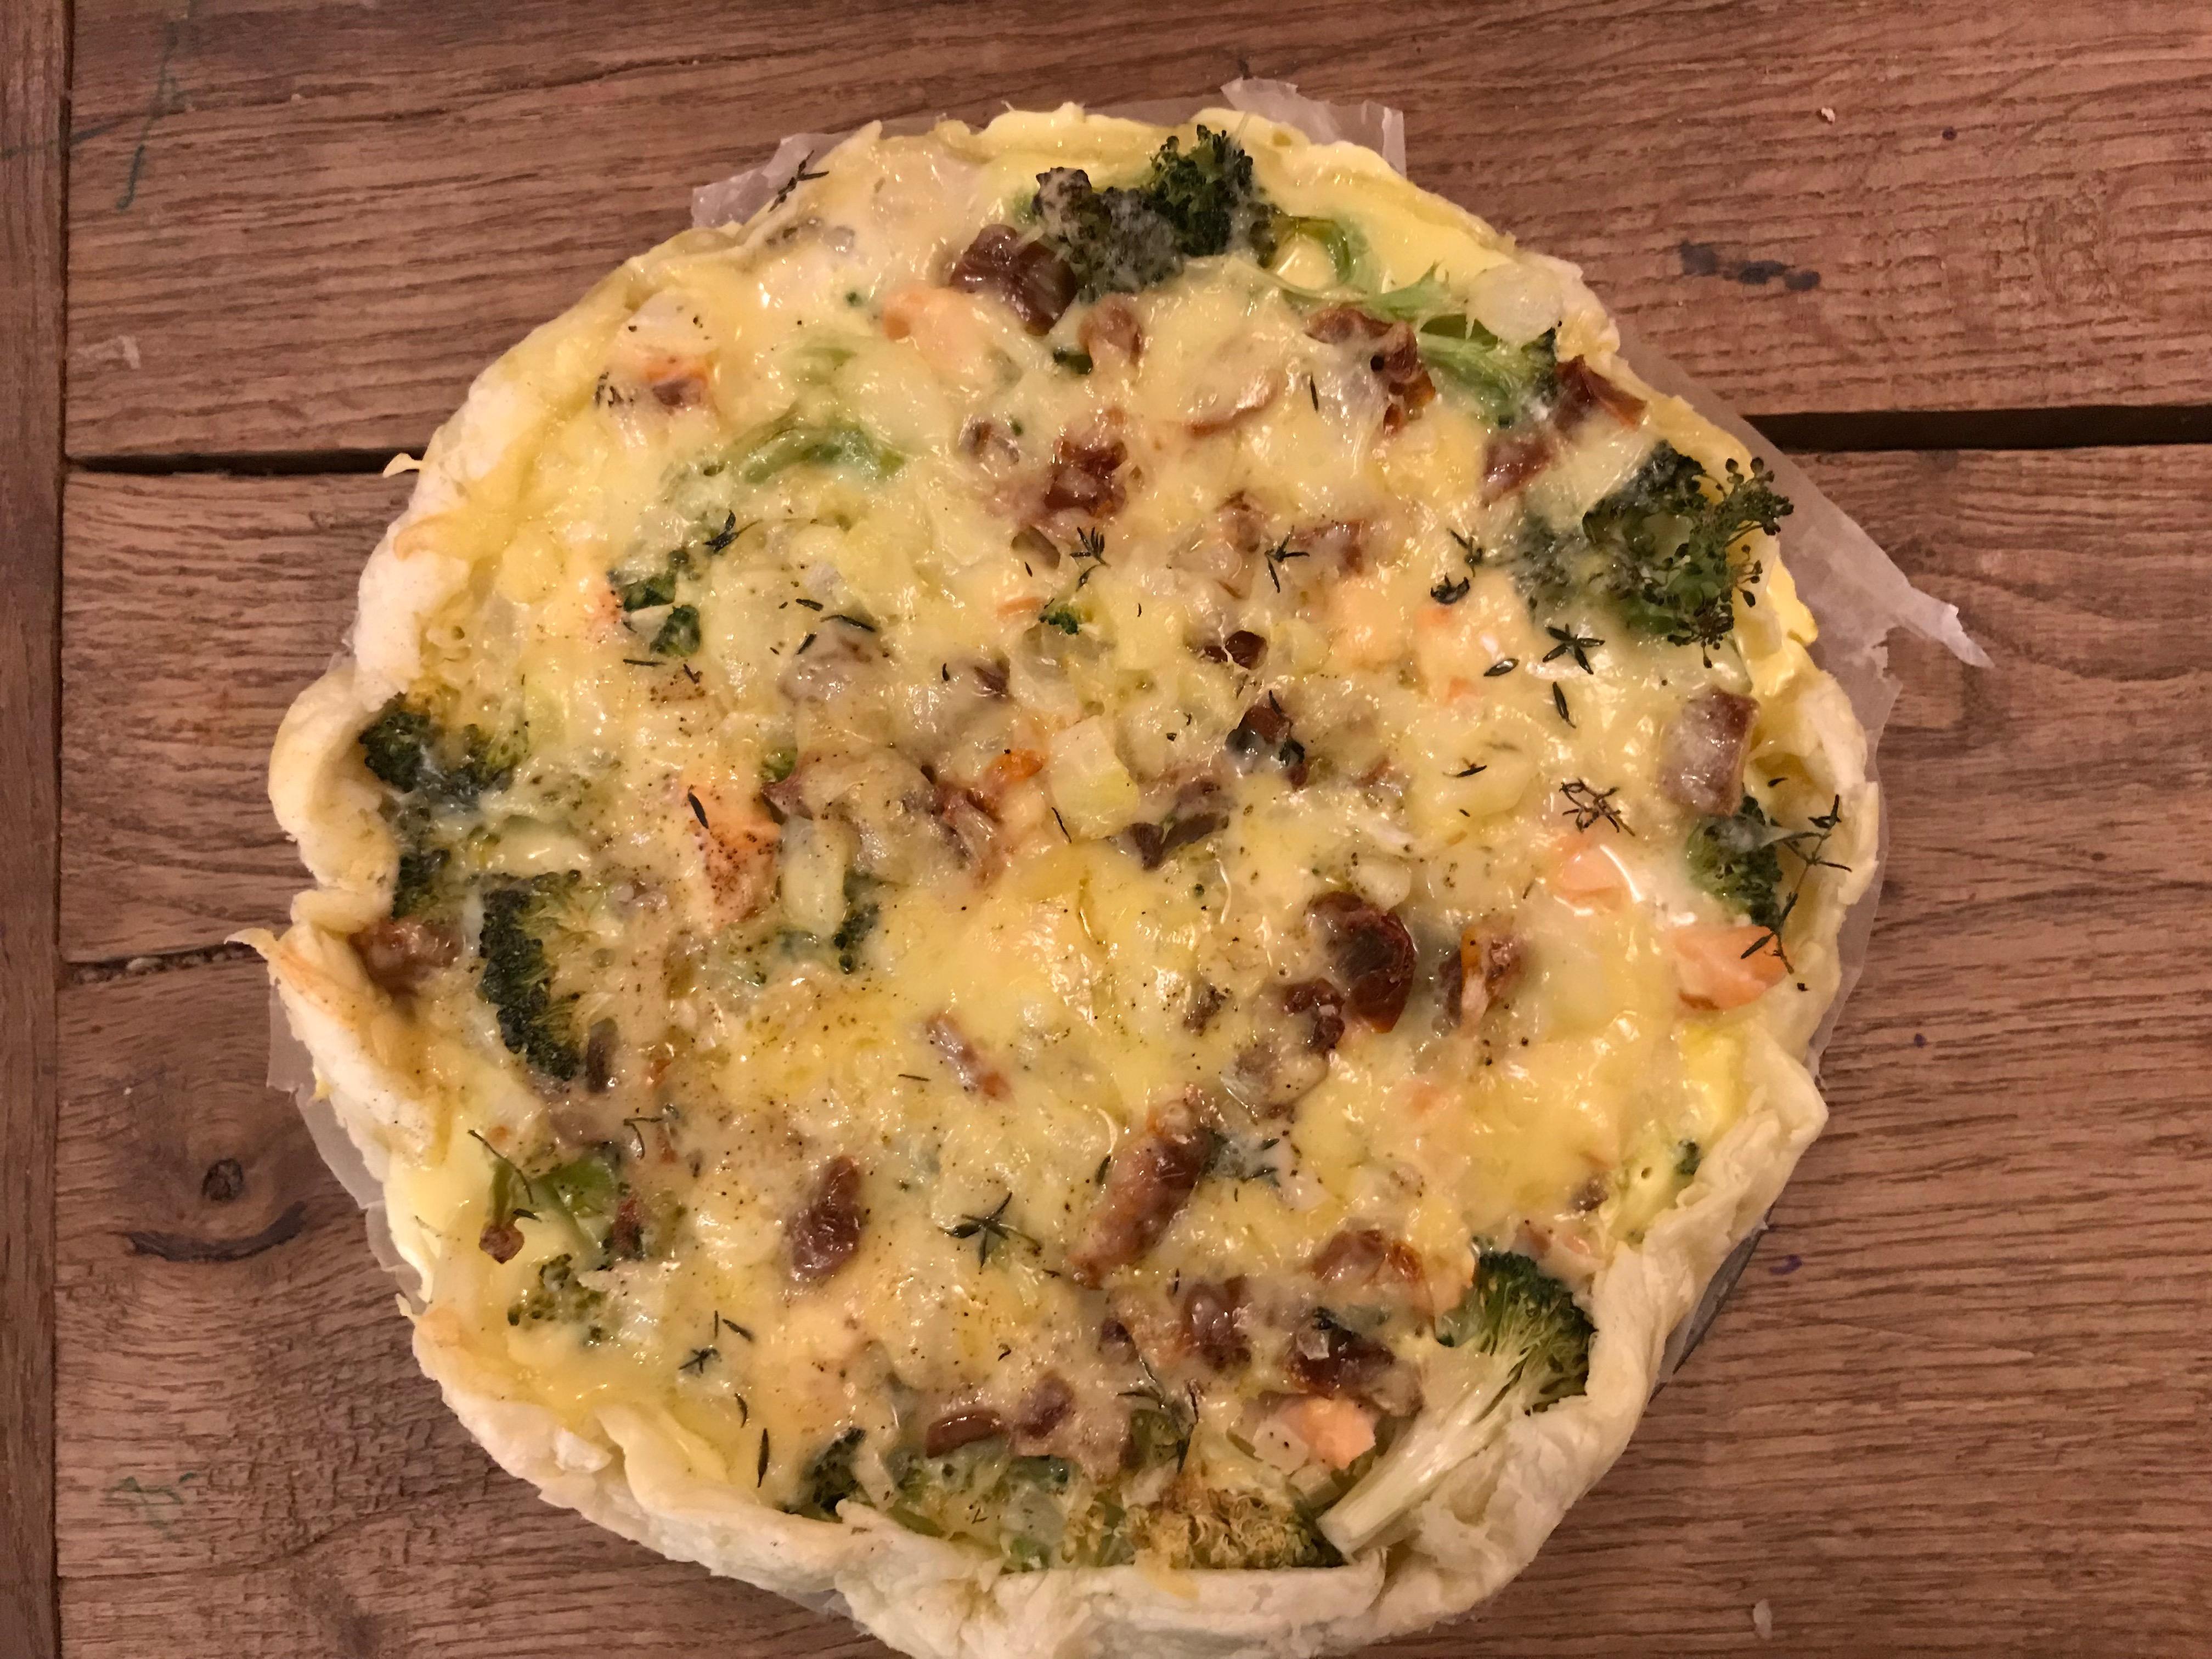 Hartige taart met broccoli en gerookte zalm